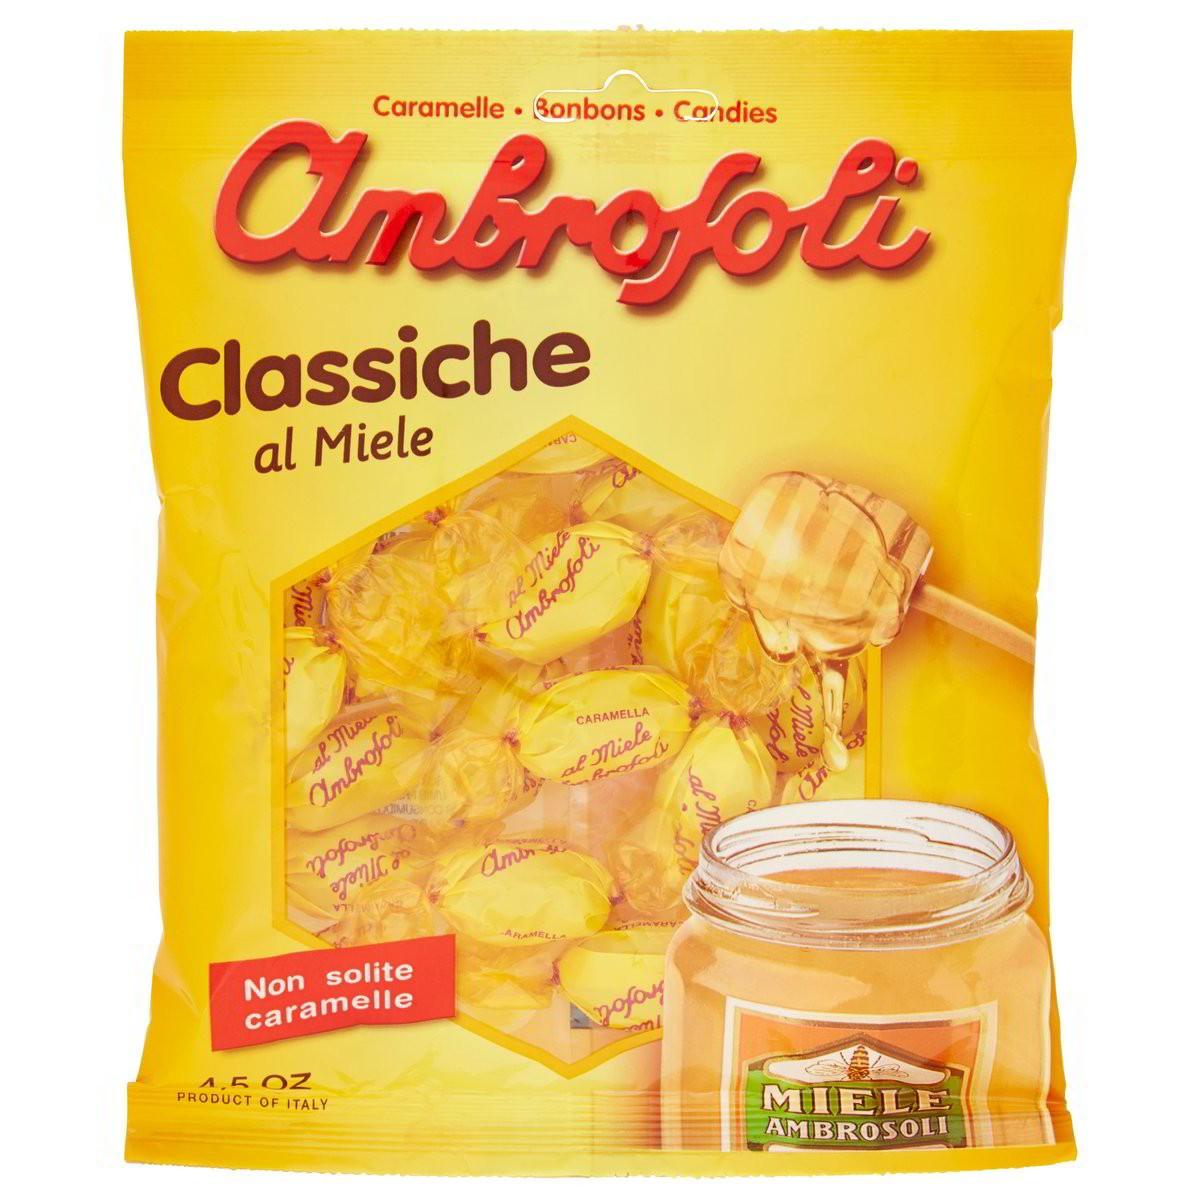 Caramelle Al Miele Classiche